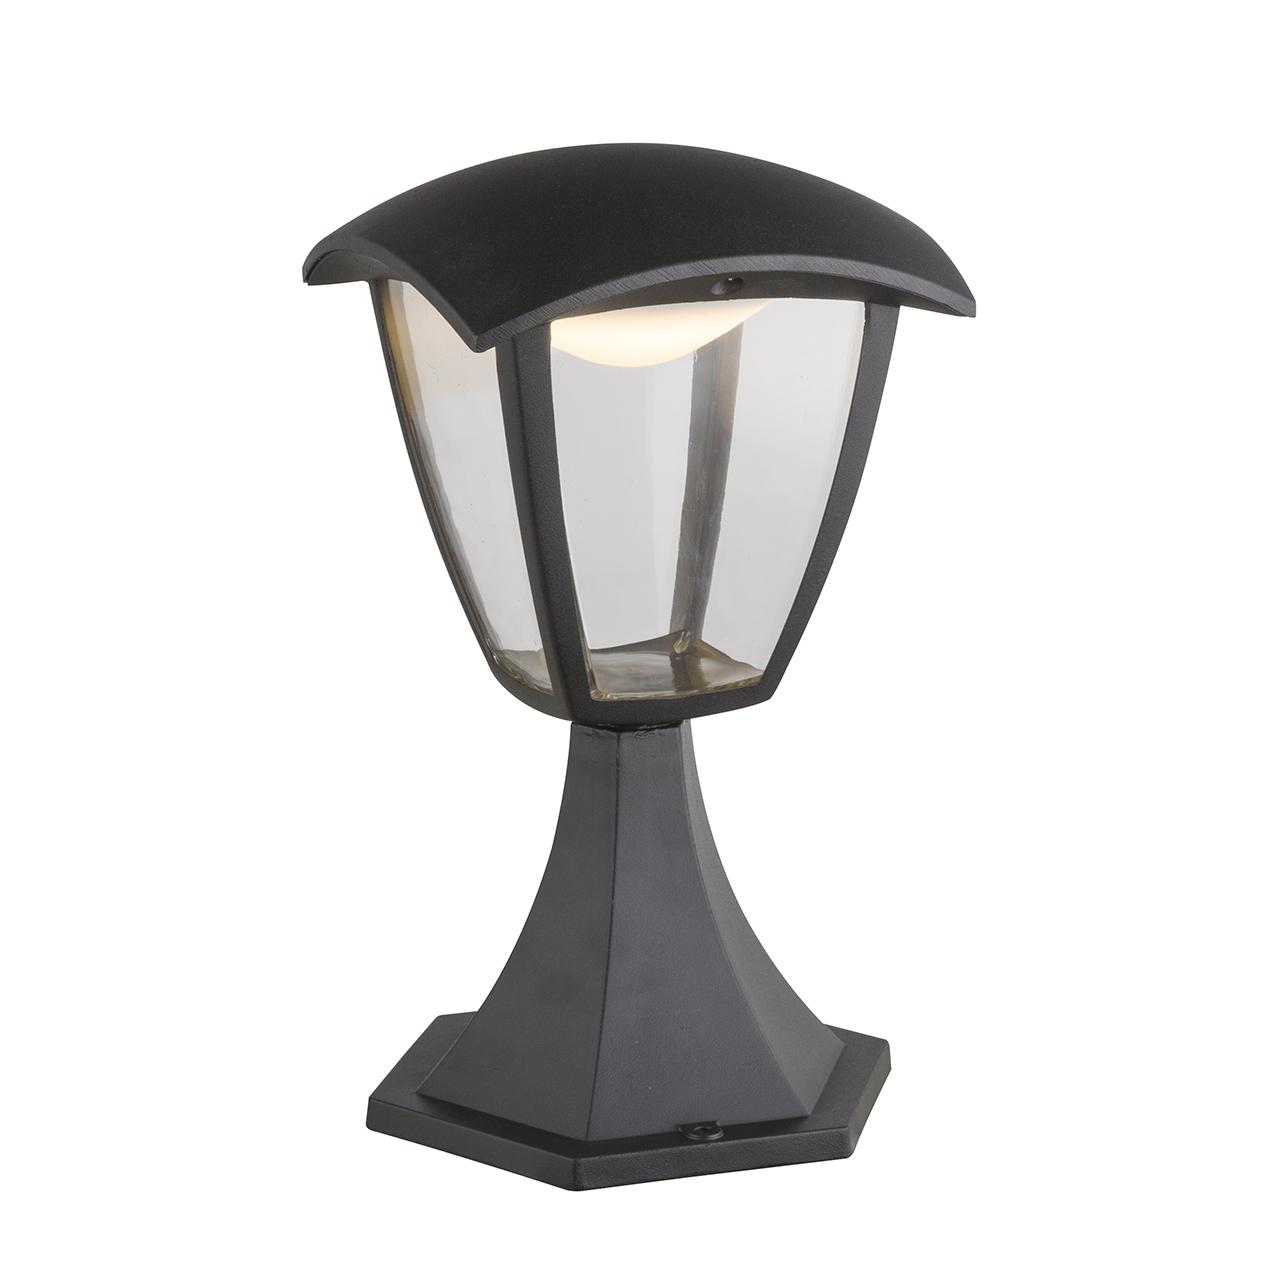 Уличный светодиодный светильник Globo Delio 31827 уличный светодиодный светильник globo monte 32251